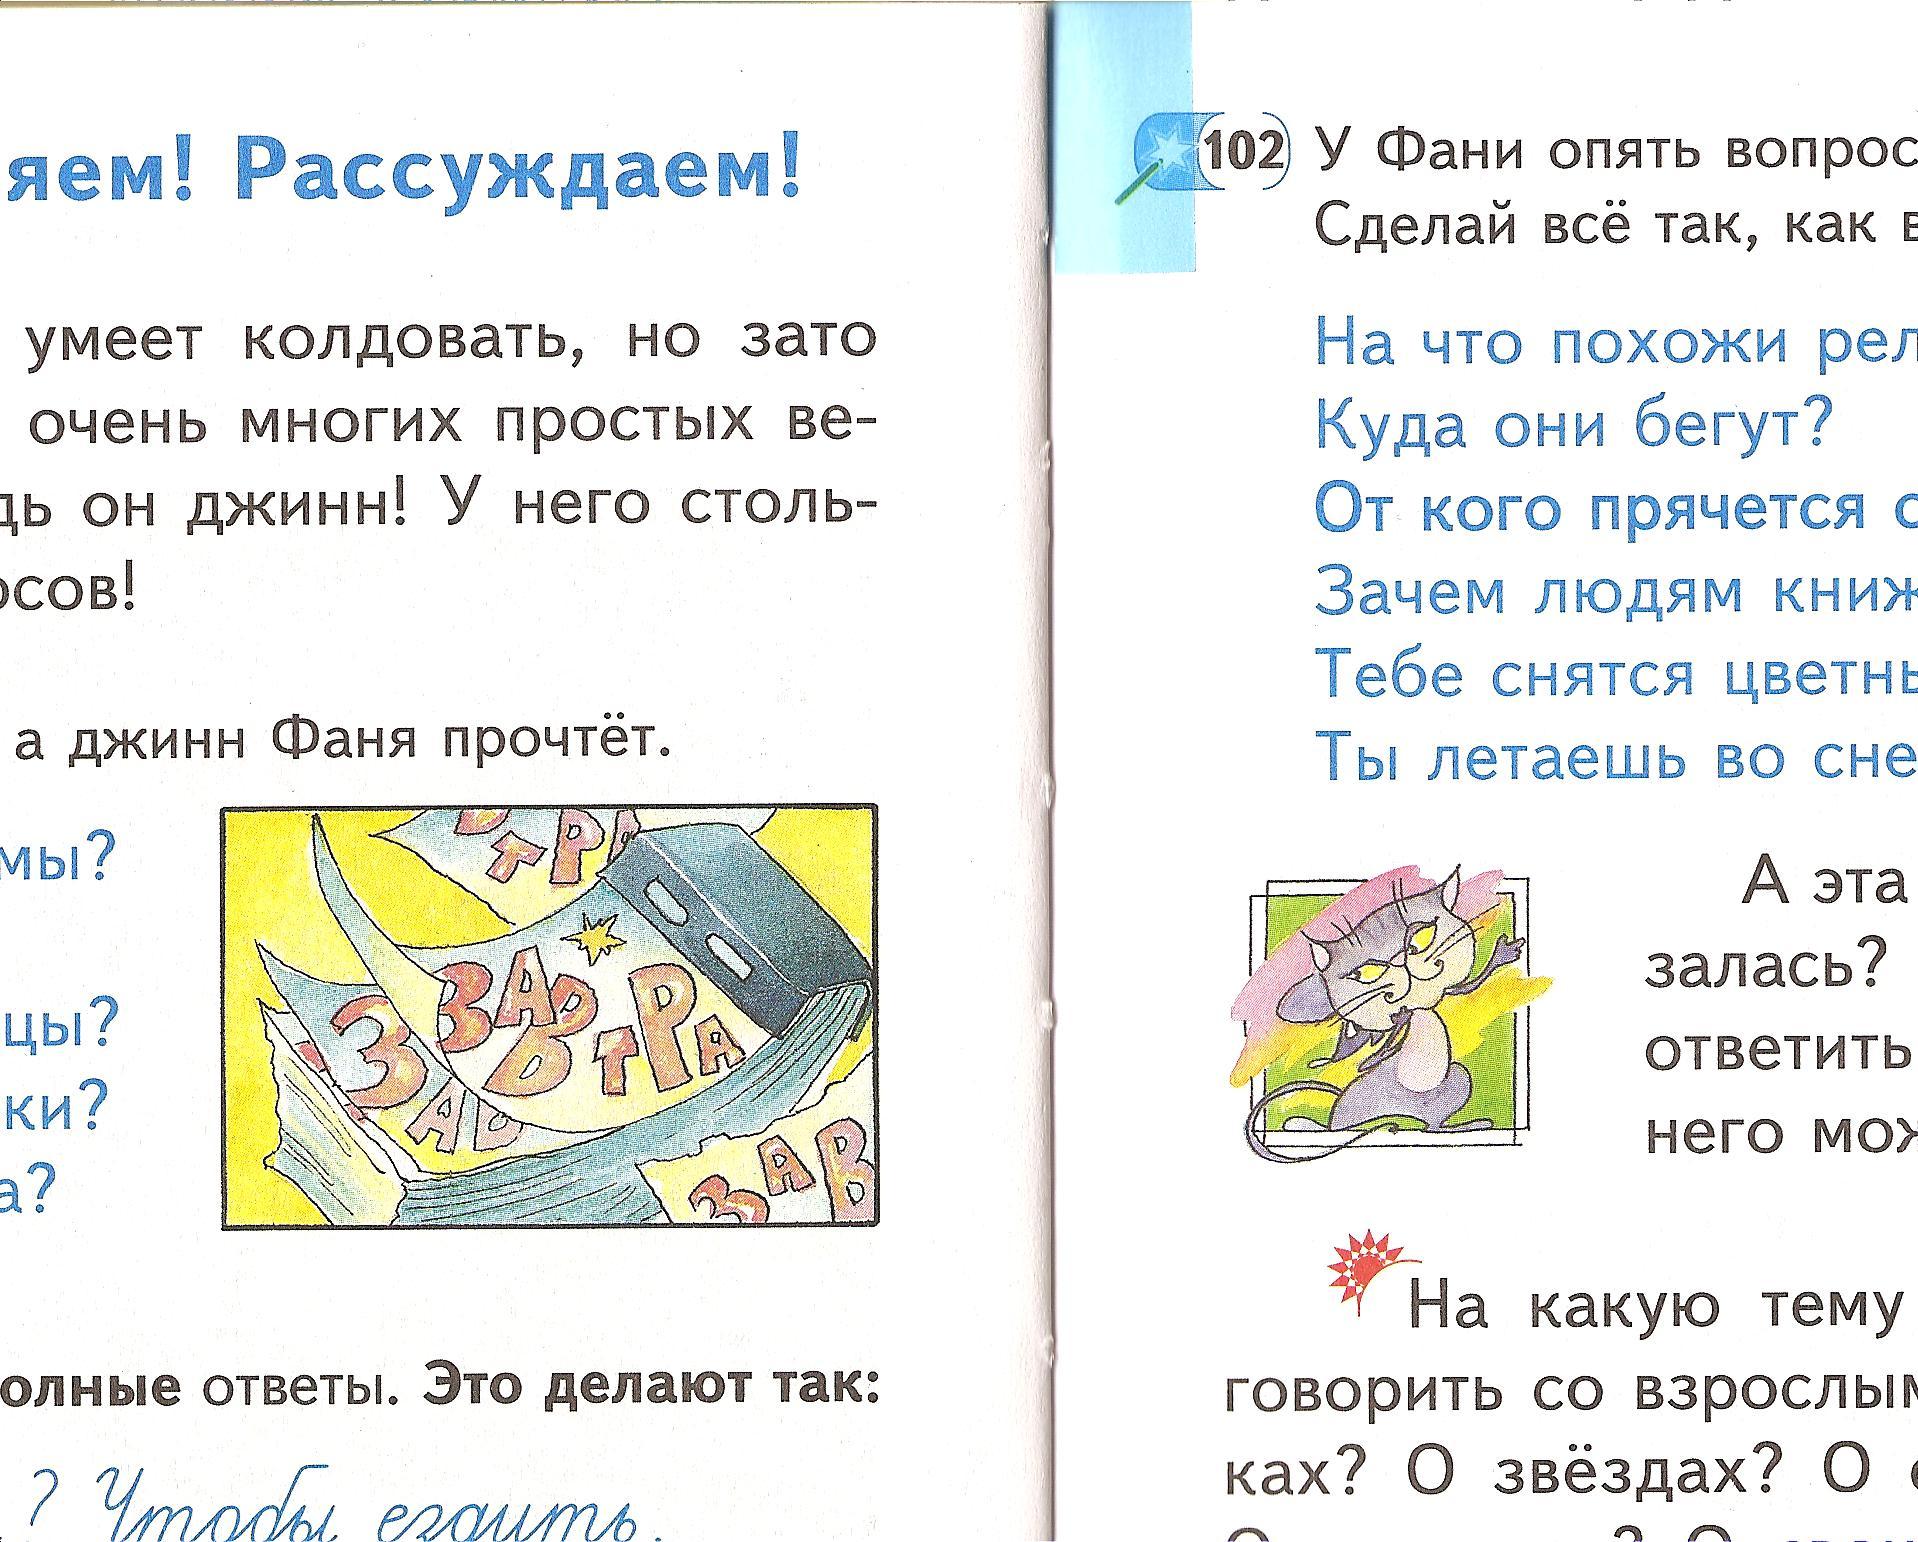 C:\Documents and Settings\home\Рабочий стол\АДАПТ ИВНАЯ МЕТОДИКА г. Могилев, СШ № 21\Картинки Олихвер\102.tif